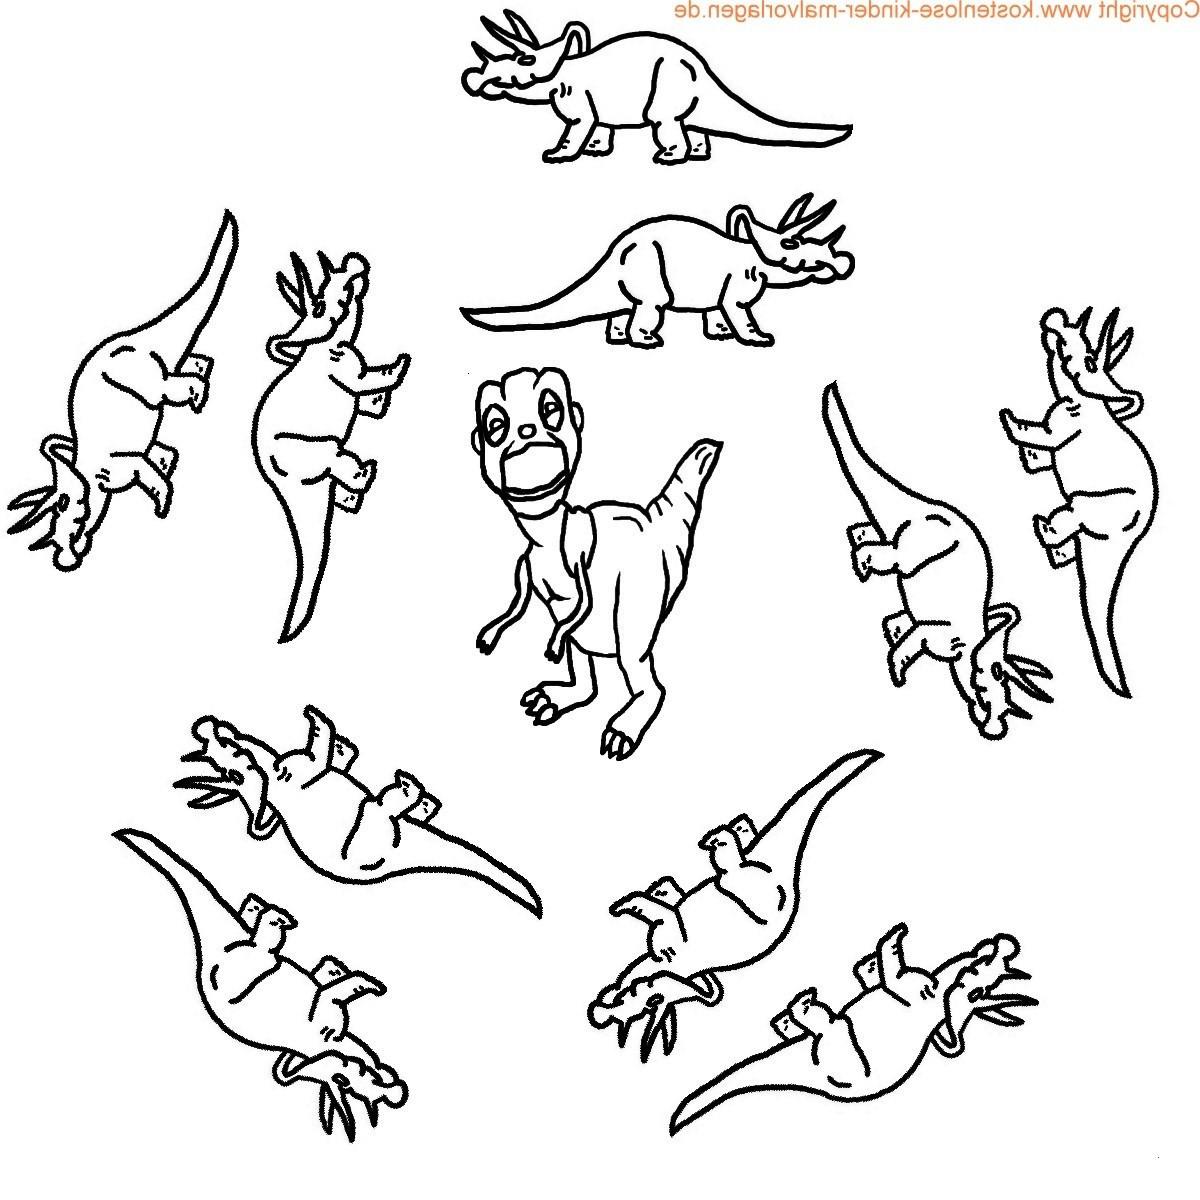 Dinosaurier Ausmalbilder Tyrannosaurus Rex Einzigartig 28 Schön Malvorlage Dinosaurier – Malvorlagen Ideen Fotografieren